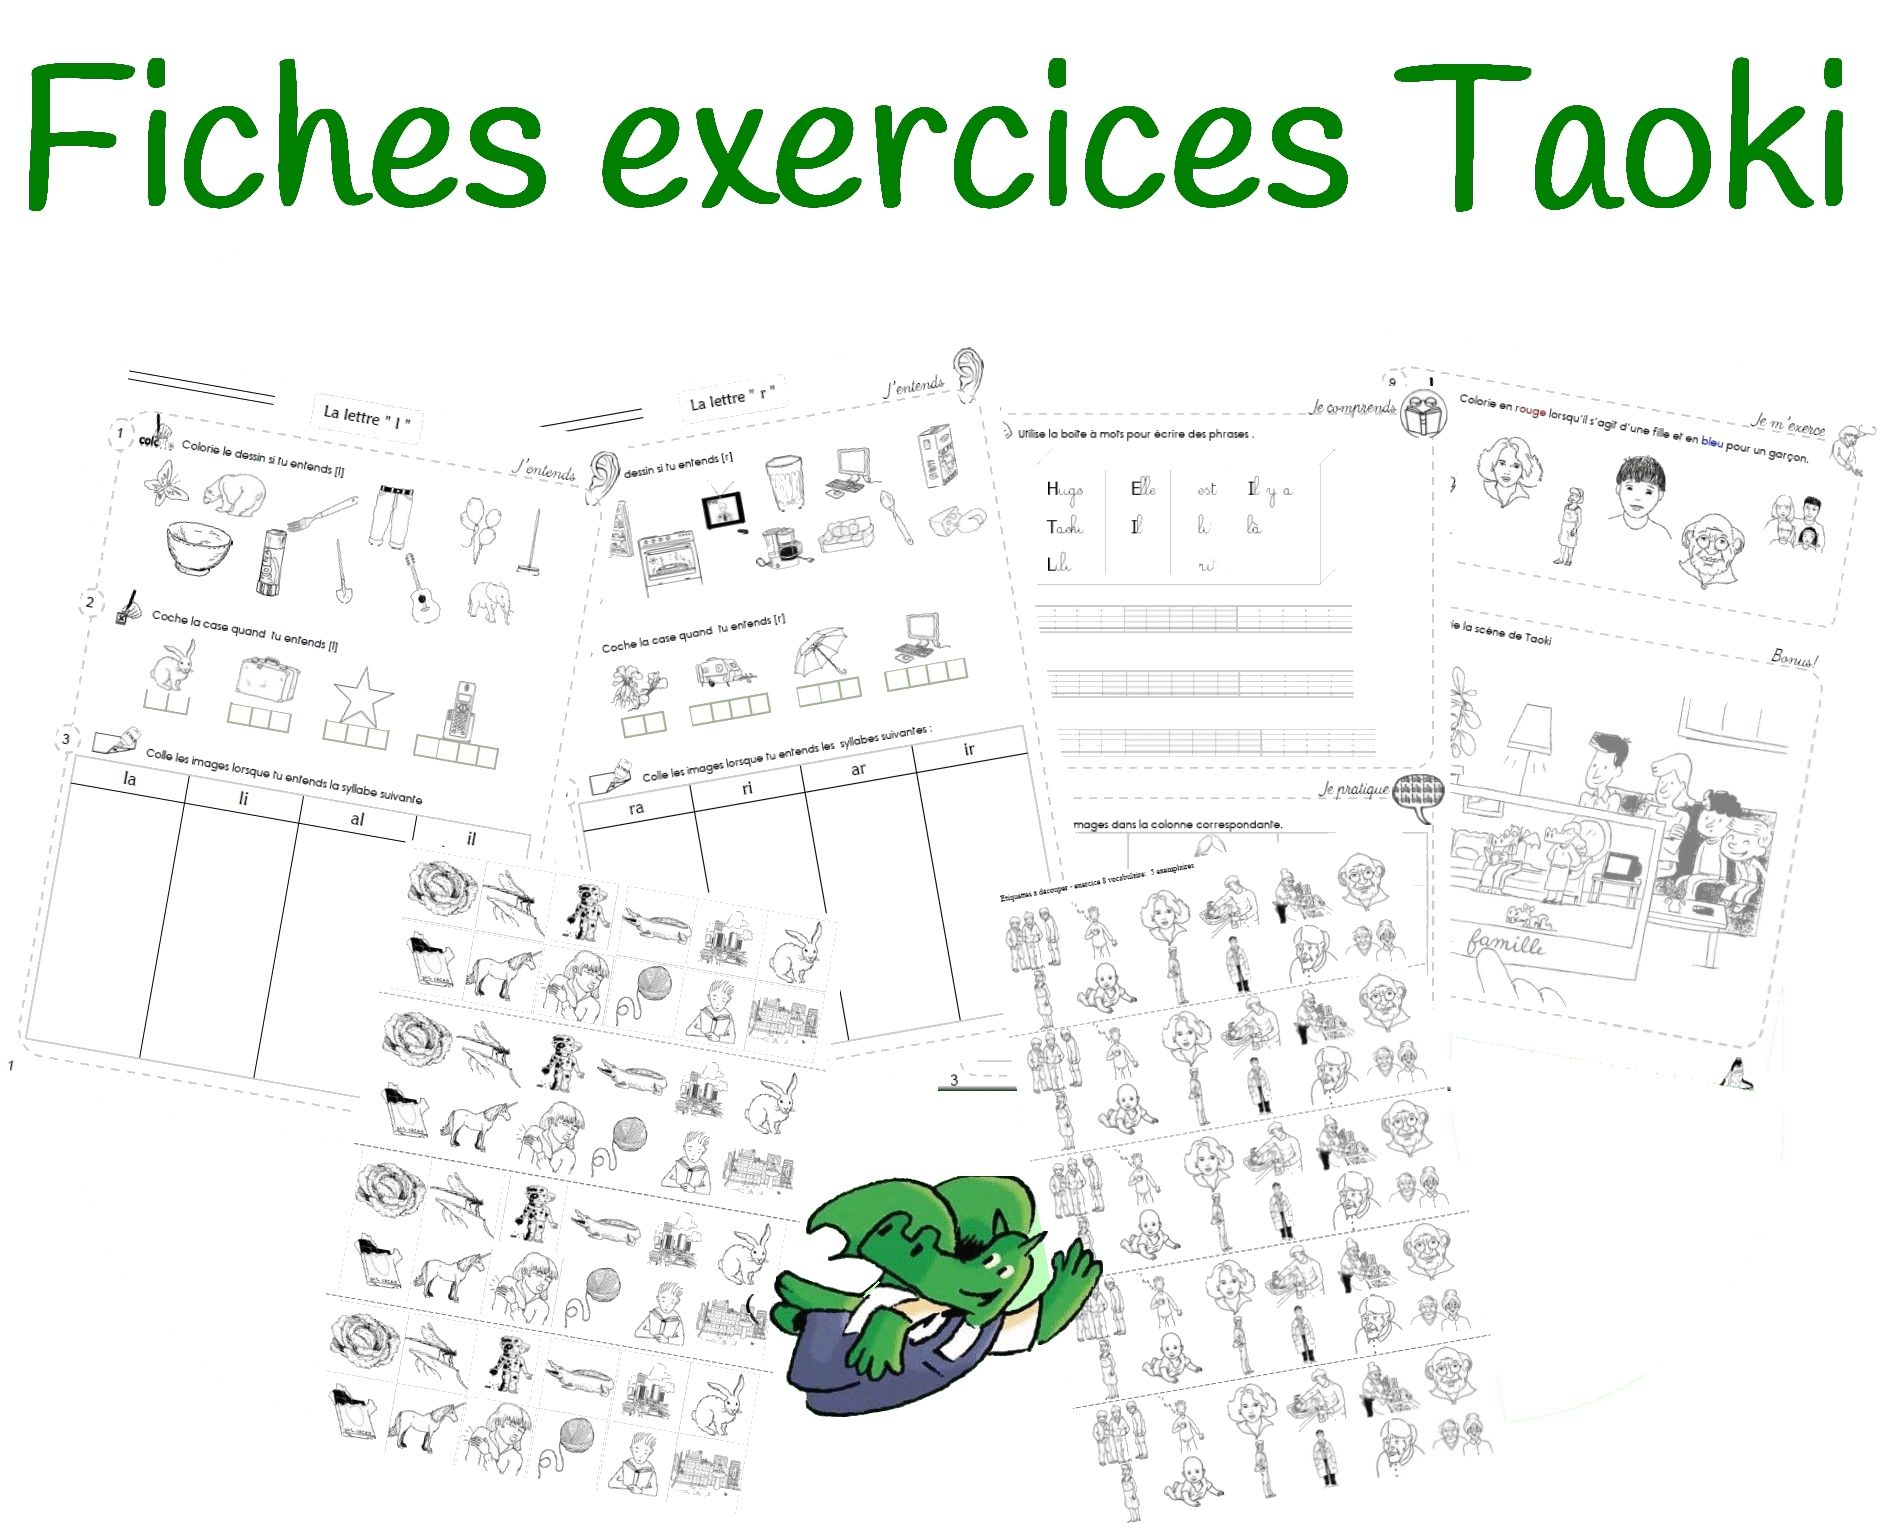 retrouvez un an de fiches d 39 exercices pour la m thode syllabique taoki ces fiches se d clinent. Black Bedroom Furniture Sets. Home Design Ideas